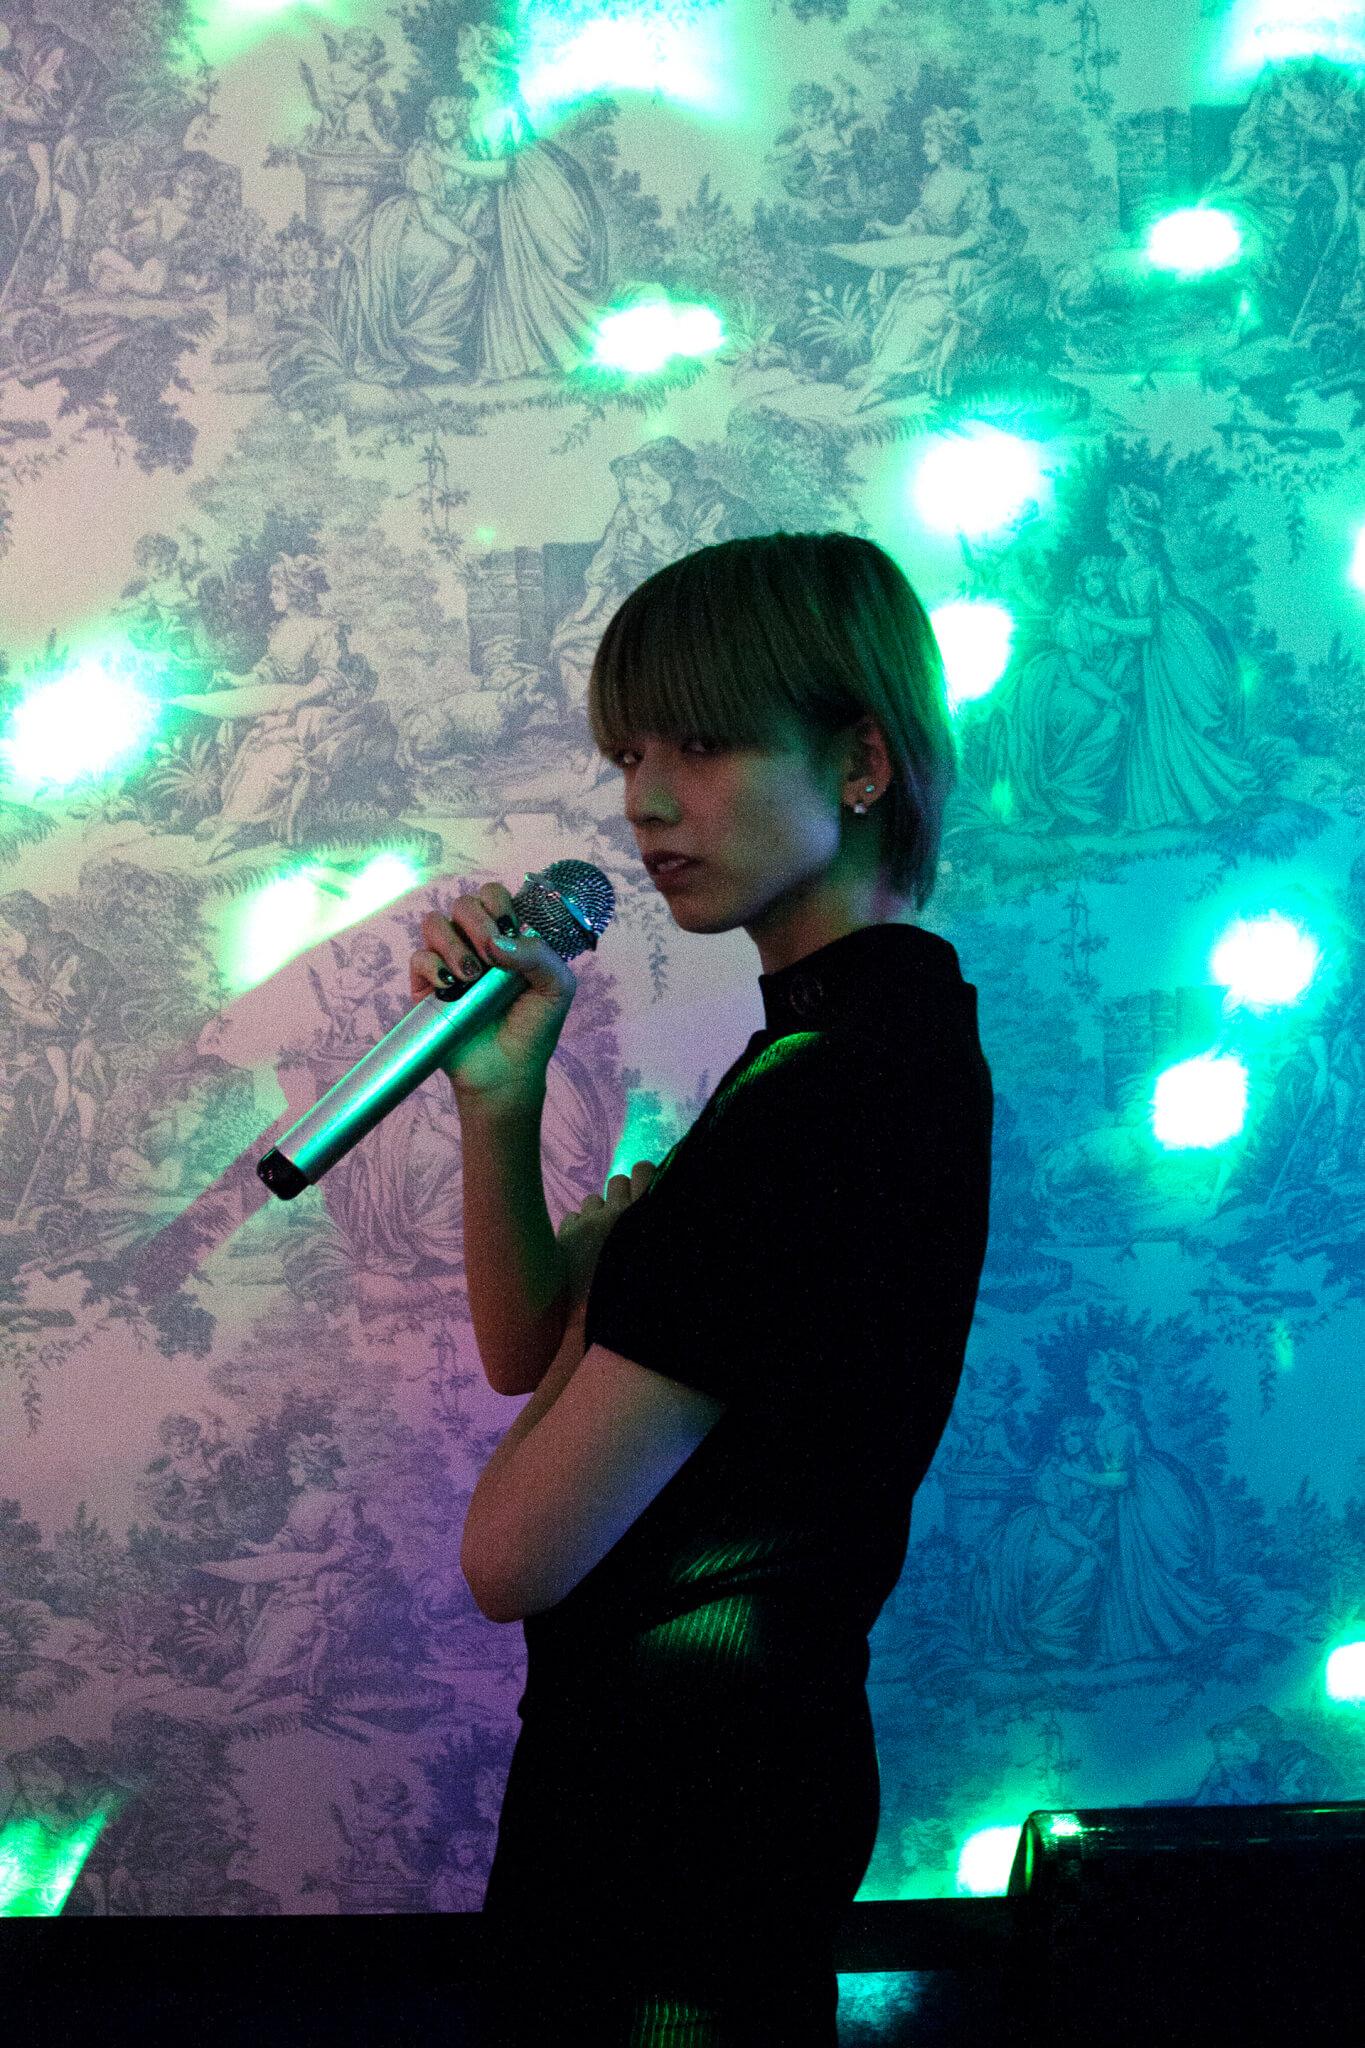 コウキシン女子の初体験 vol.11 まりりん:LOST IN KARAOKE@新宿カラオケ館 column181011-red-bull-music-festival-tokyo-2018-lost-in-karaoke-28